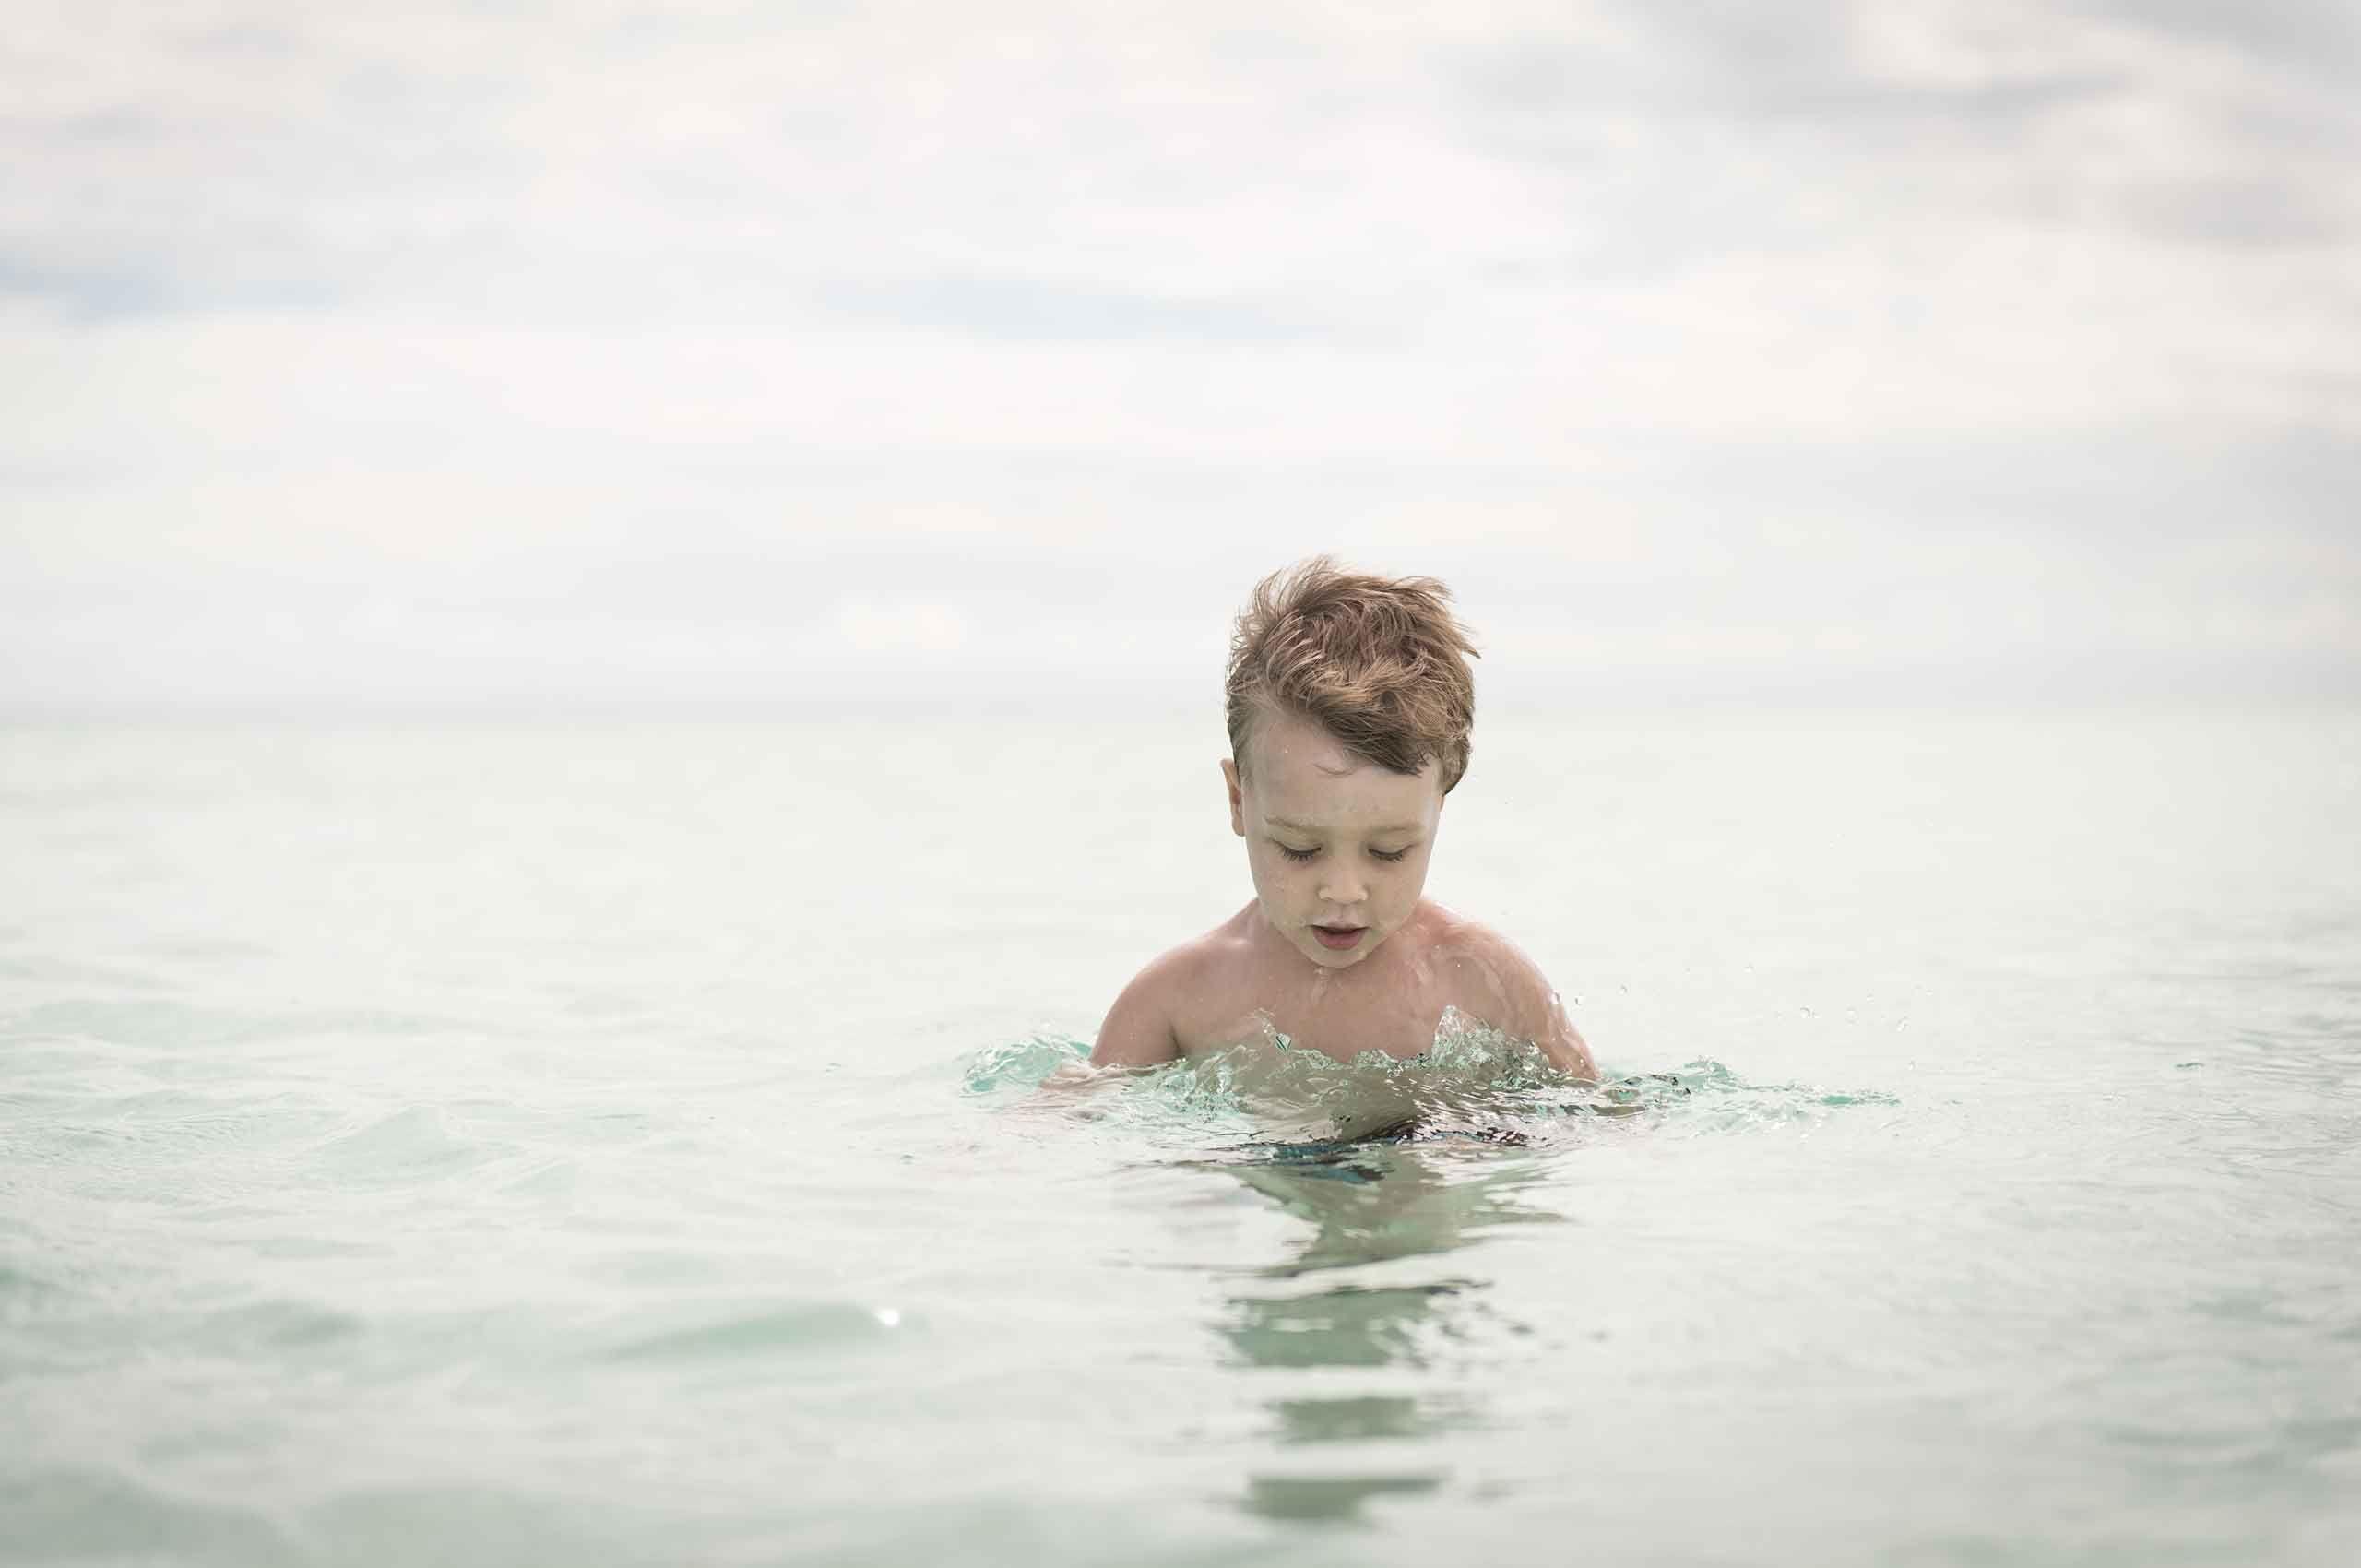 boy-standing-in-ocean-by-HenrikOlundPhotography.jpg